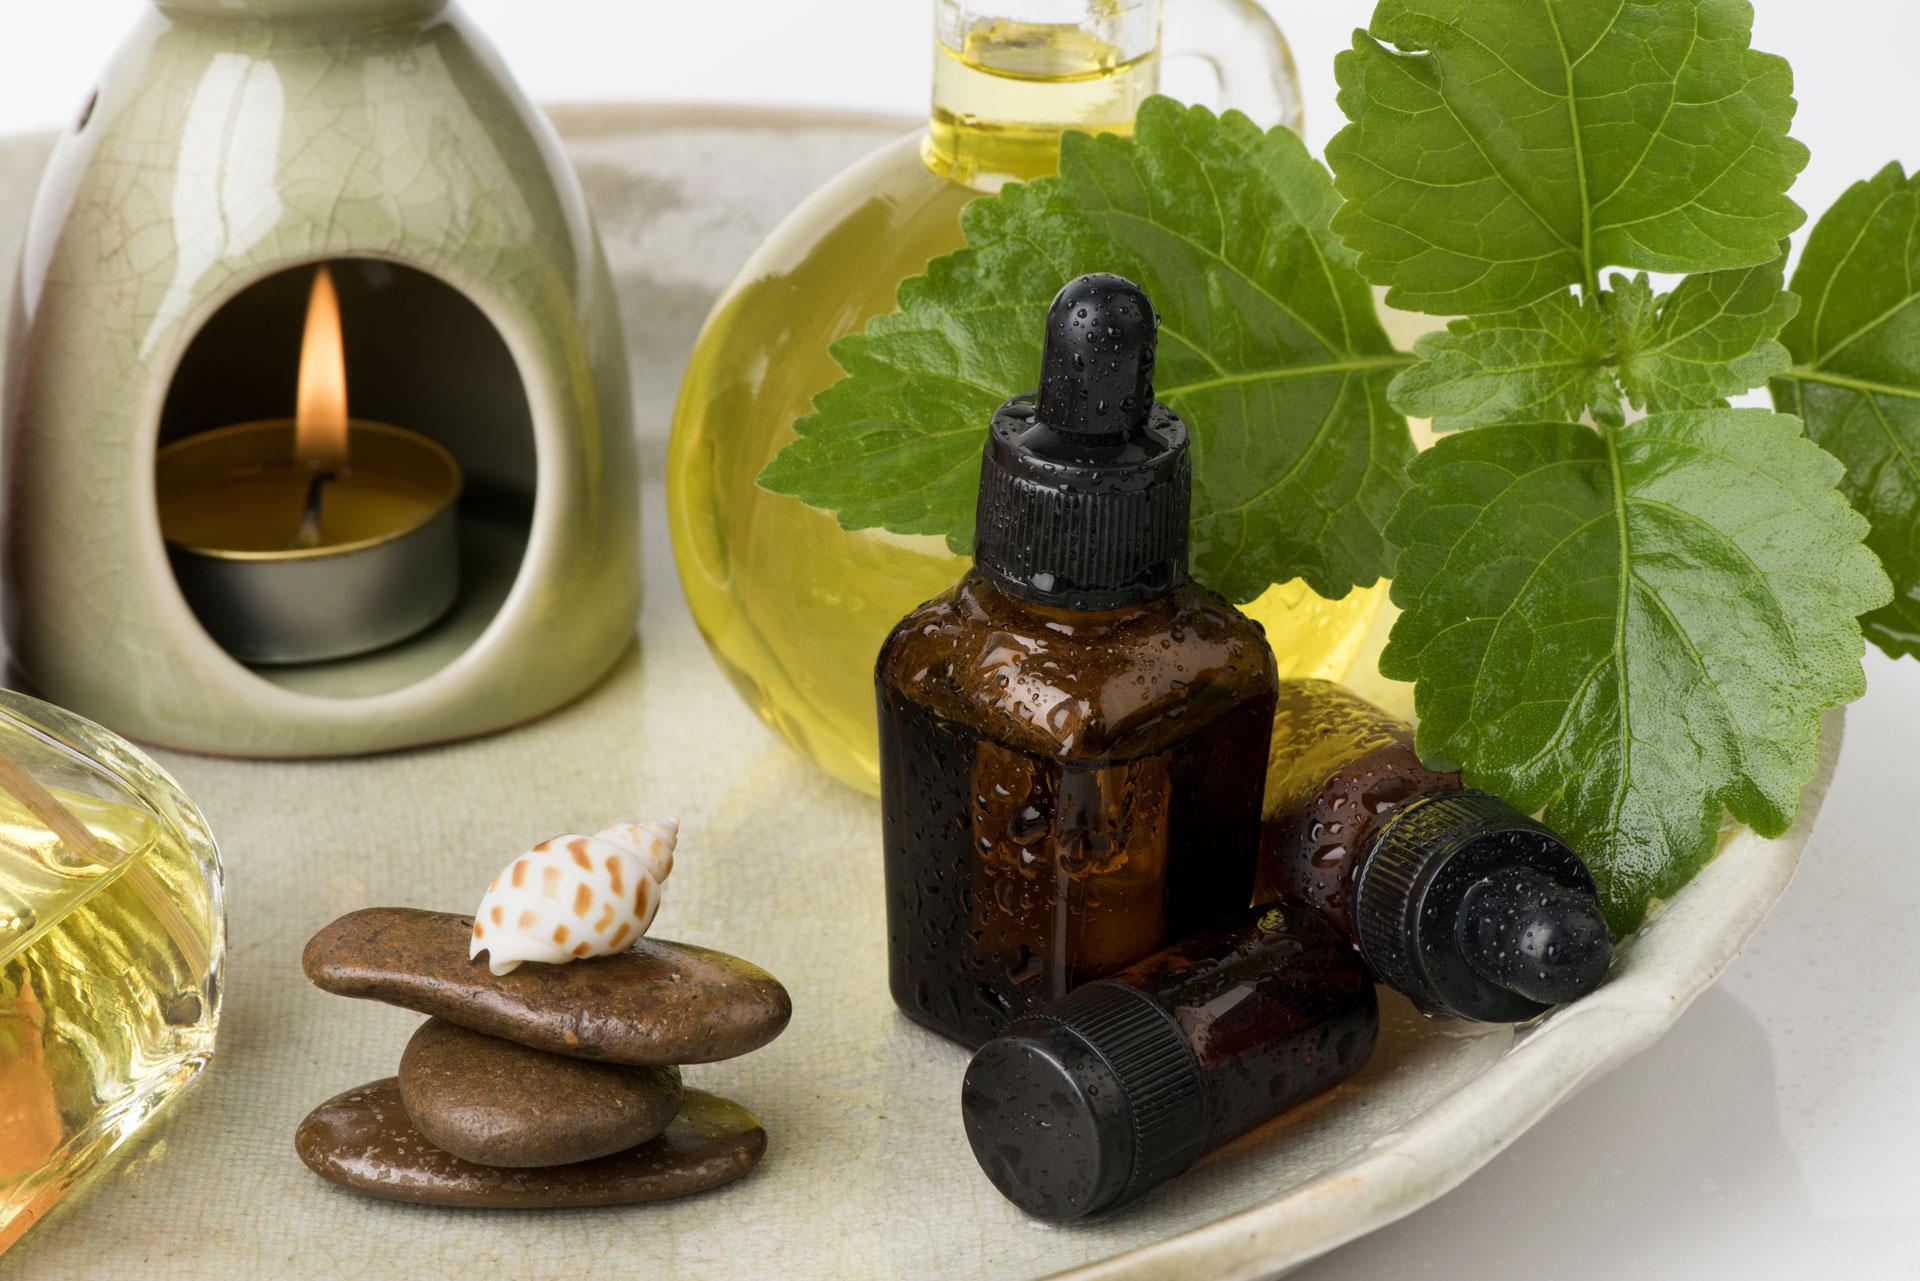 Patchouliöl in kleinen Pipetten-Flaschen und Duftlampe